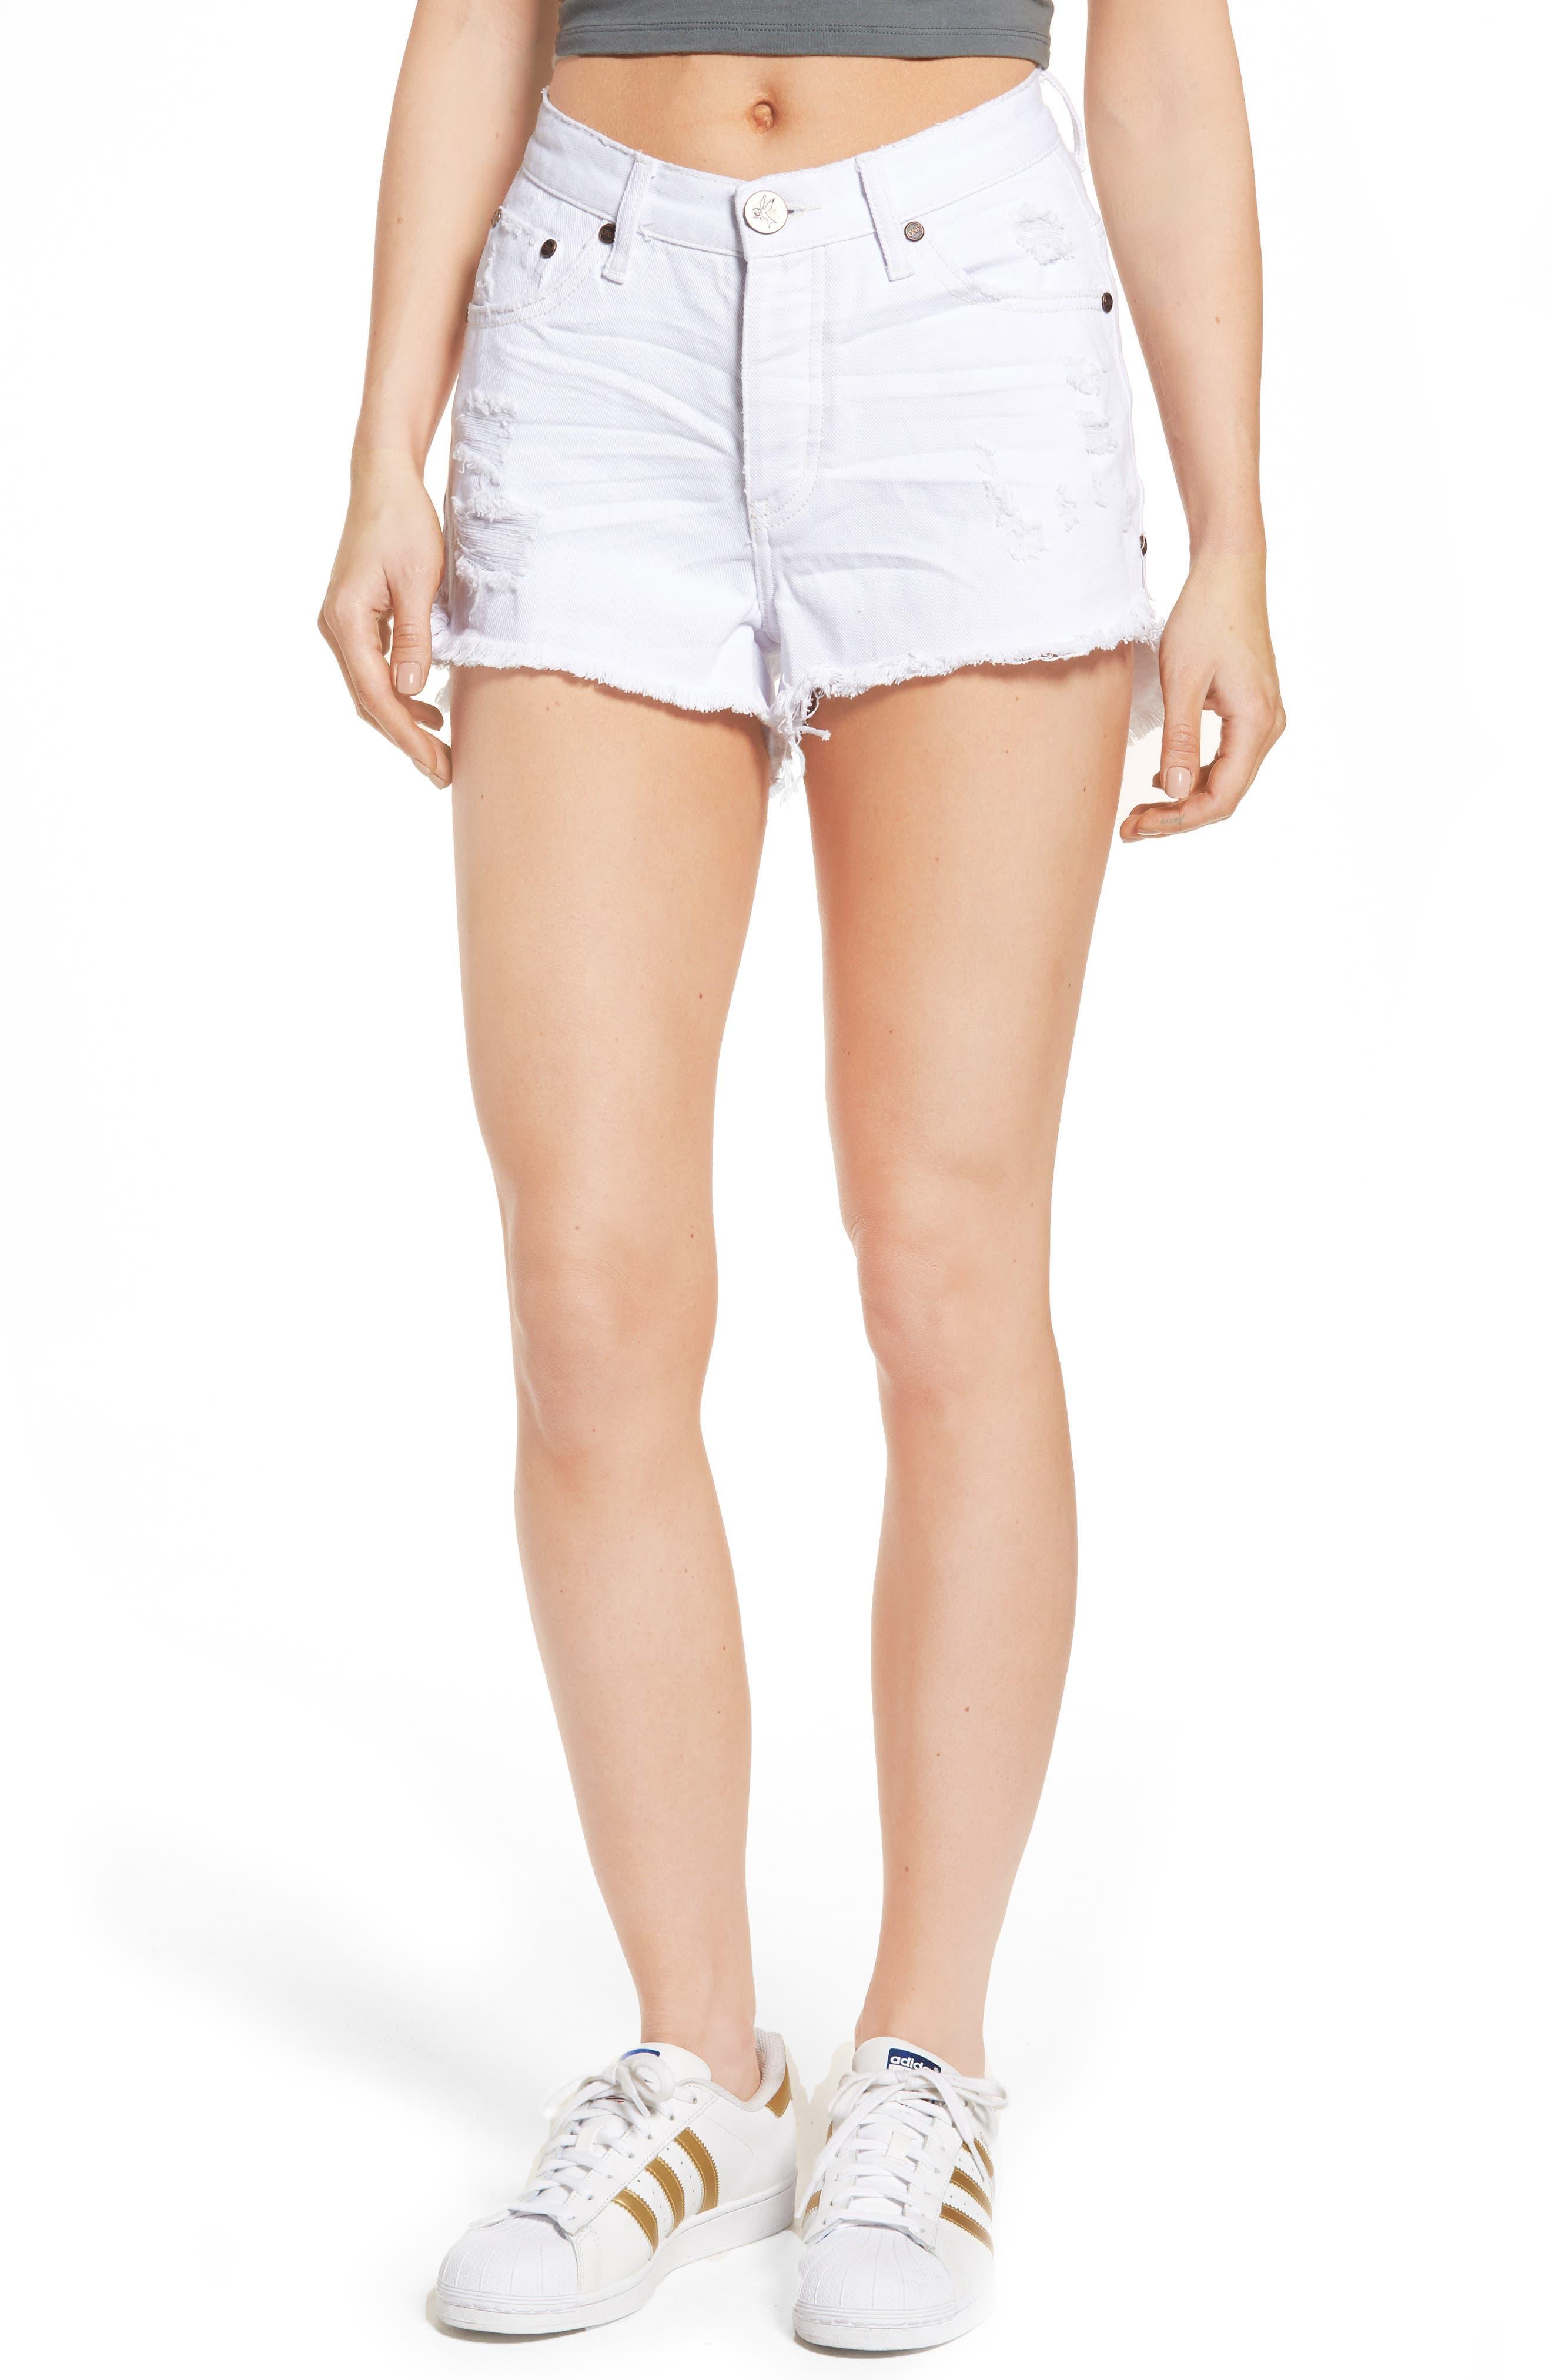 Main Image - One Teaspoon Bonita High Waist Denim Shorts